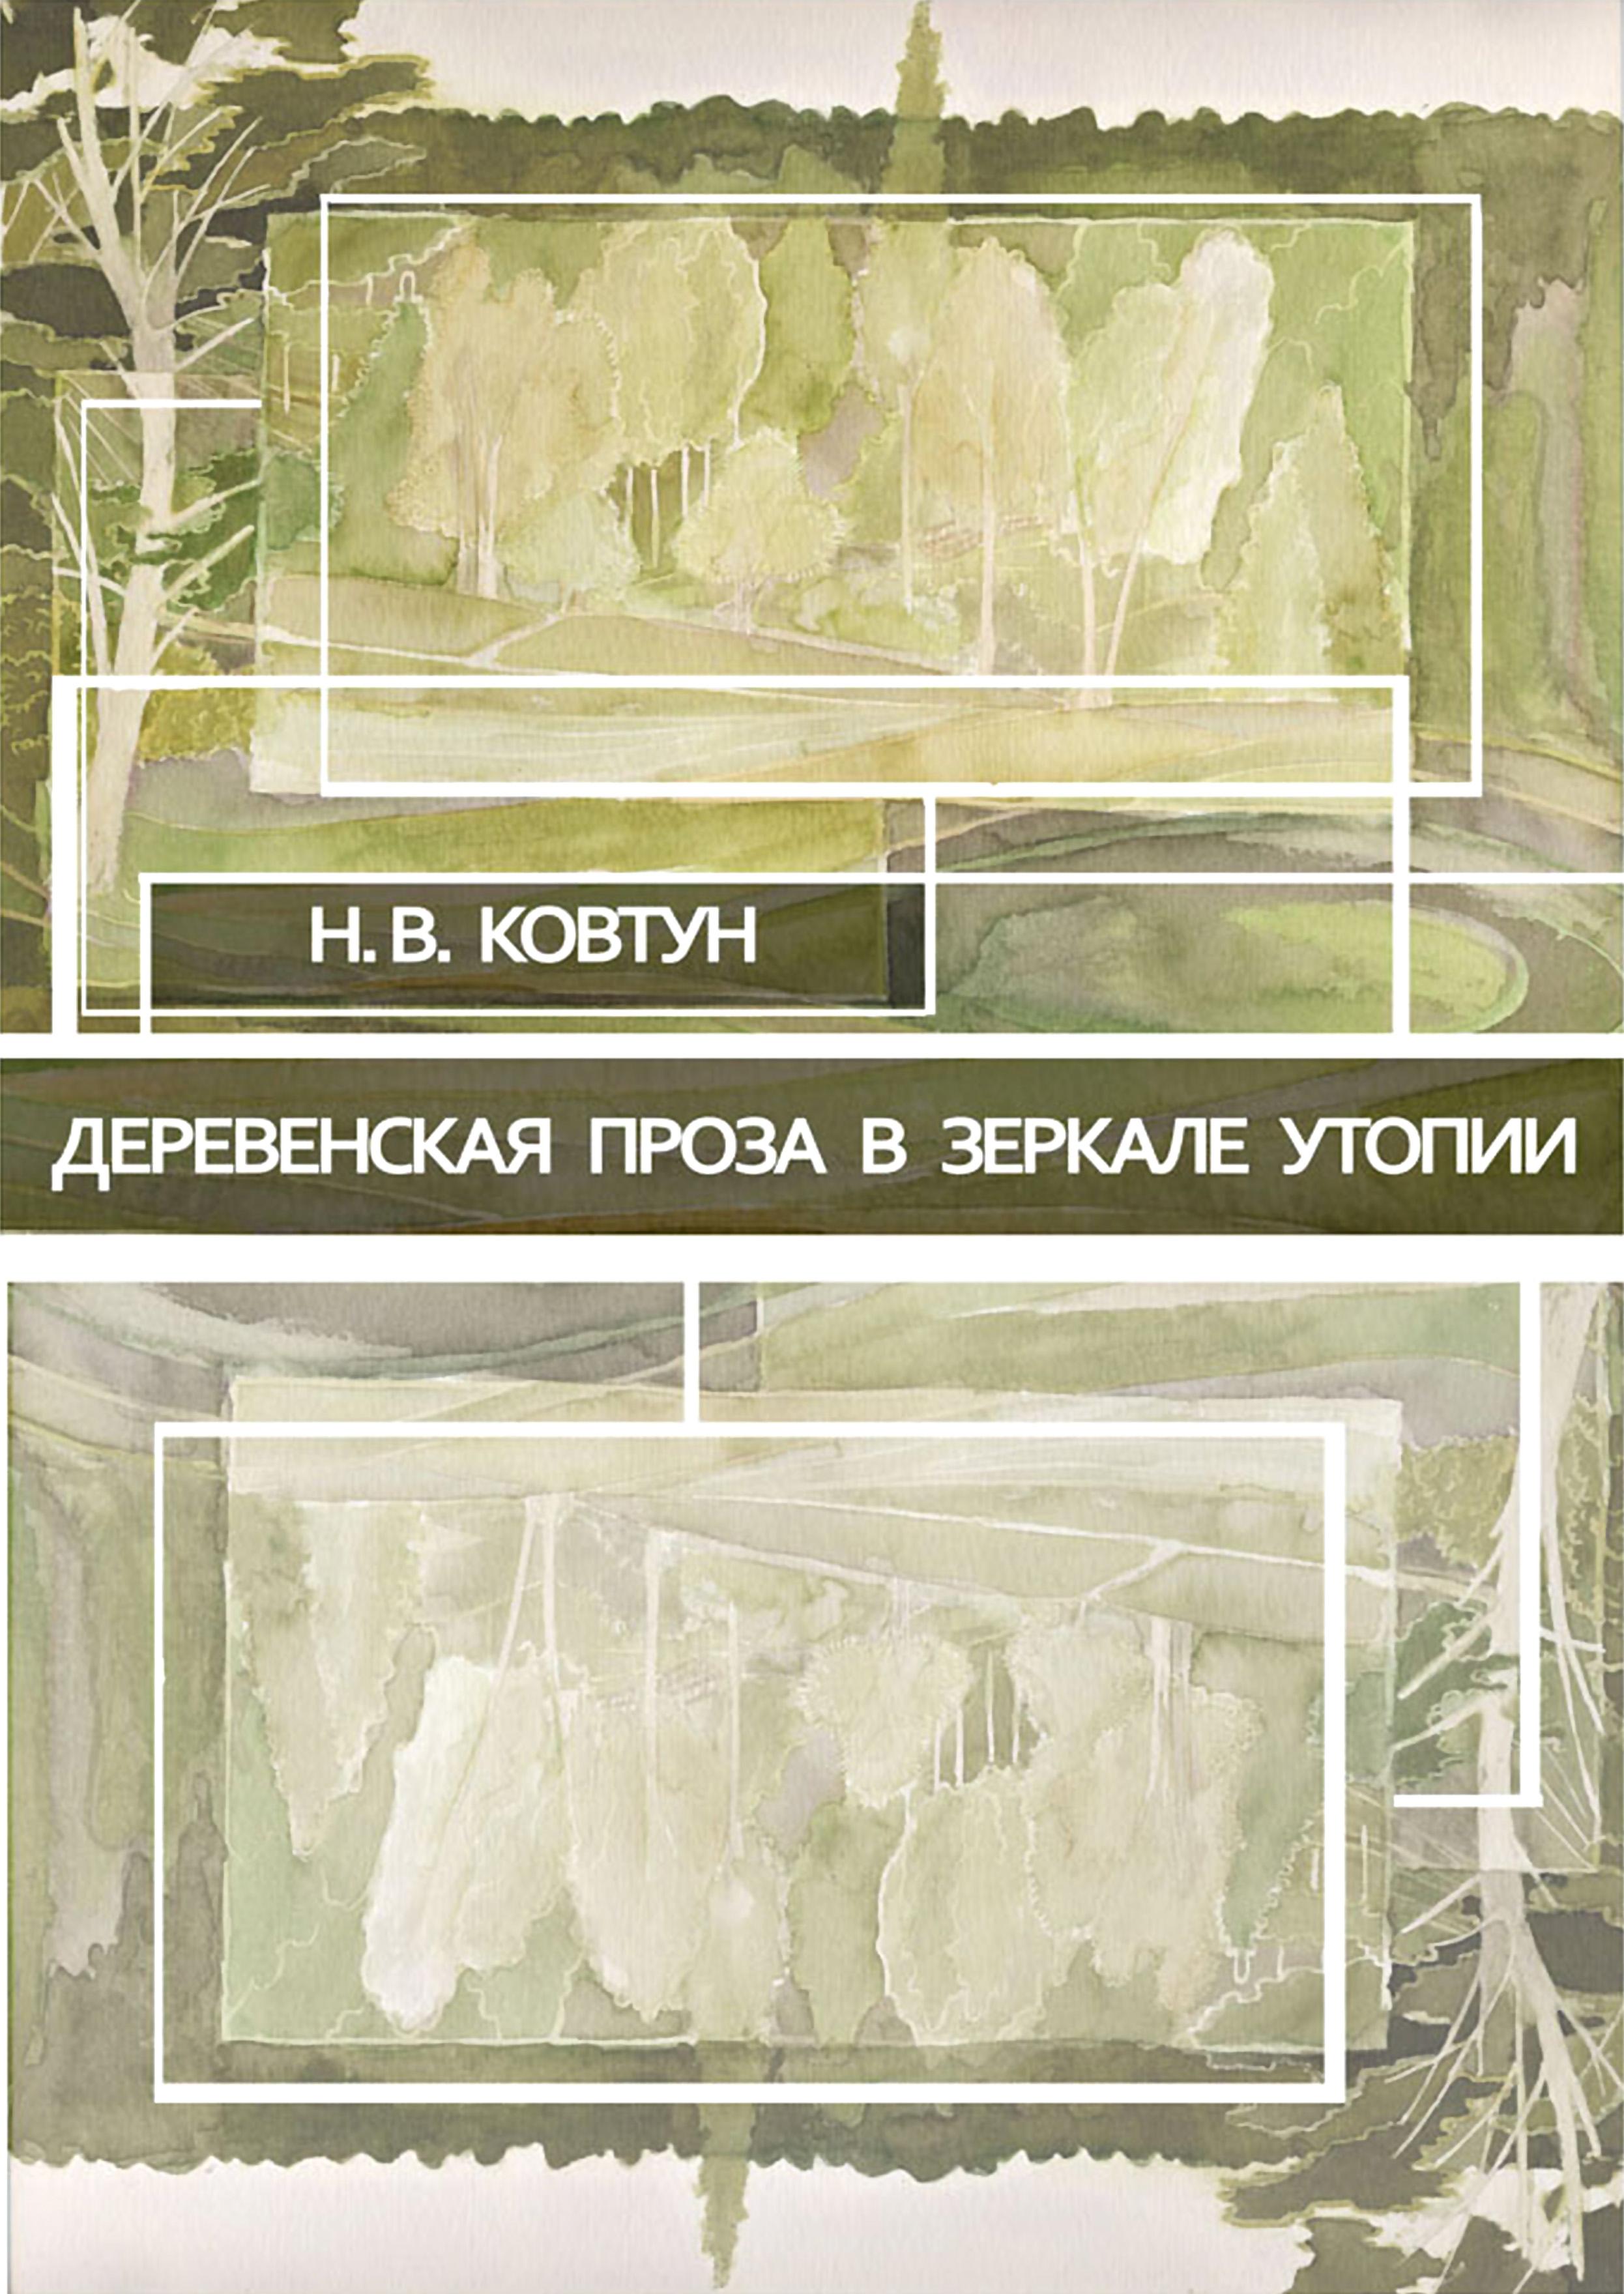 Деревенская проза в зеркале утопии